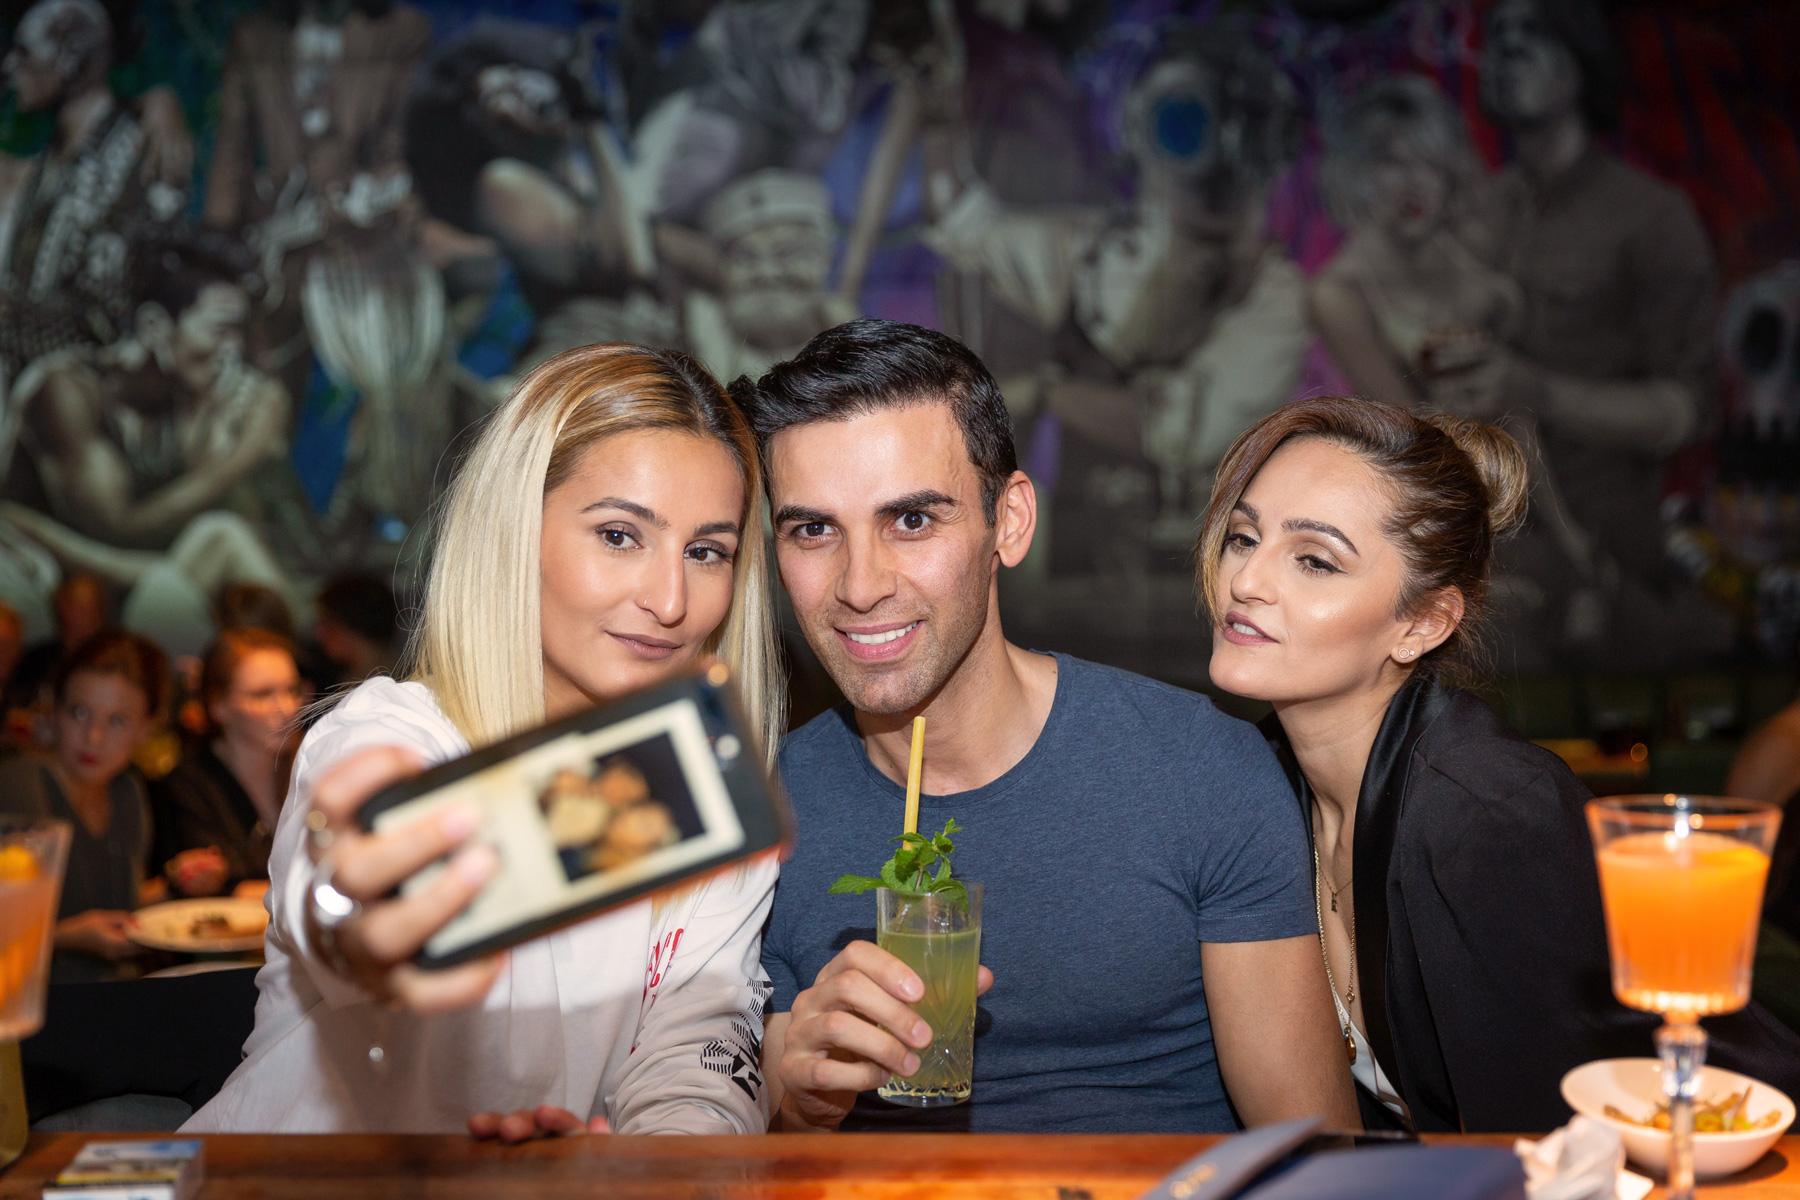 Zwei Frauen und ein Mann machen einen Selfie